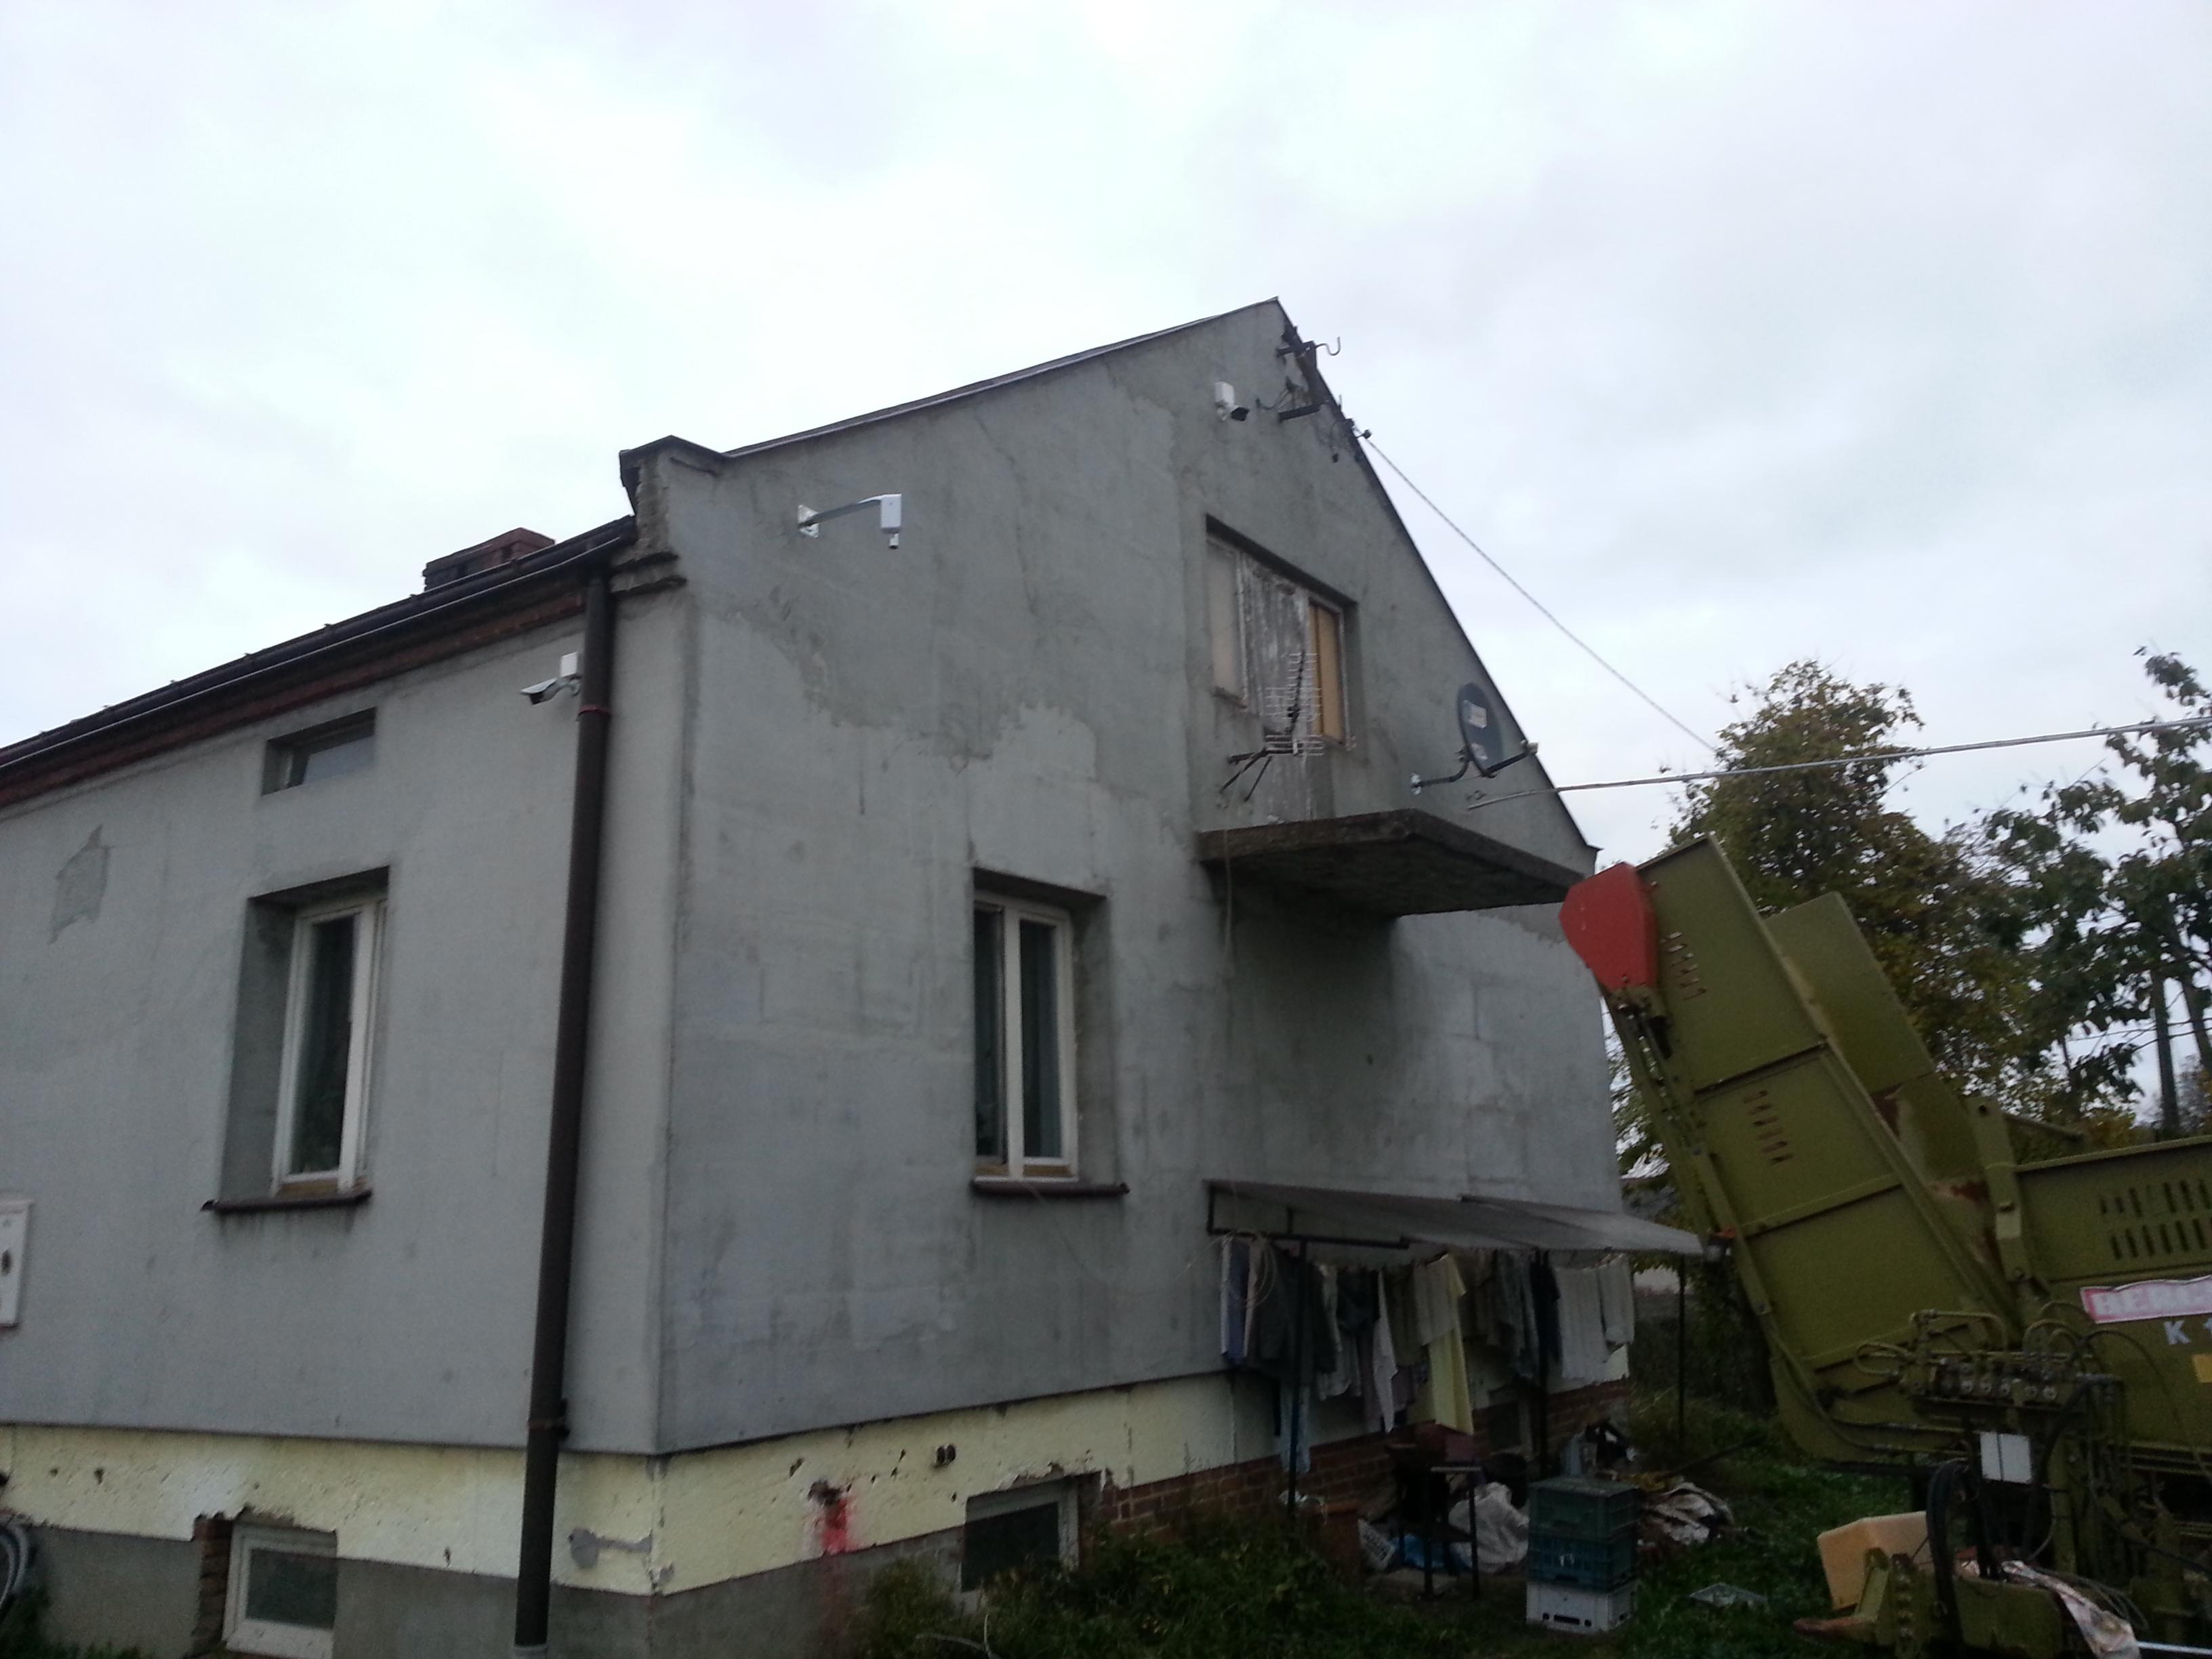 Monitoring Biłgoraj Wykonaliśmy monitoring gospodarstwa rolnego okolice Biłgoraj